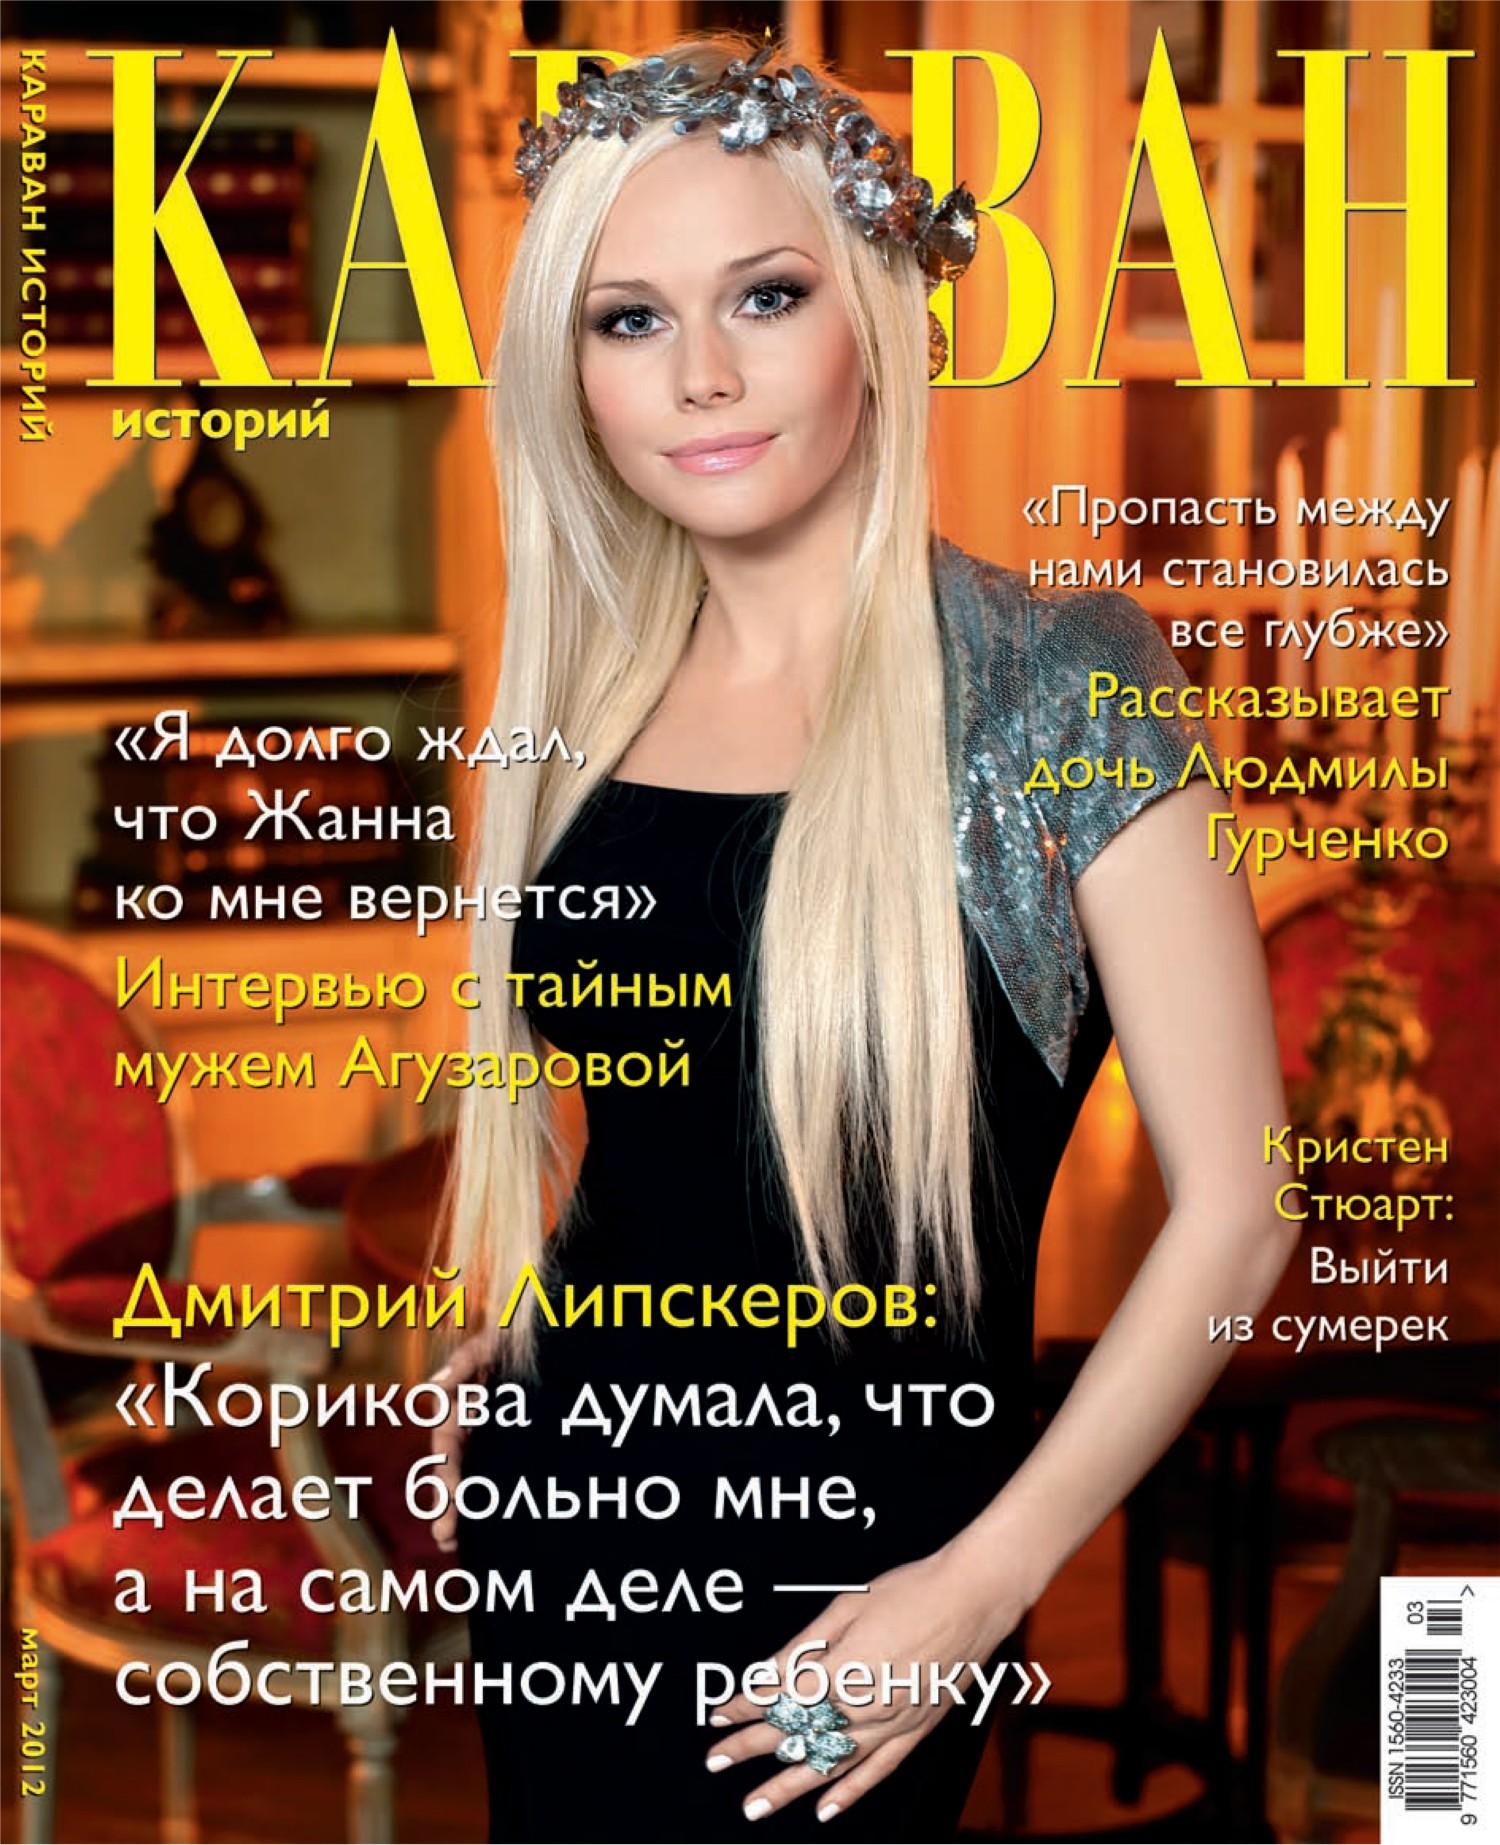 Отсутствует Караван историй №03 / март 2012